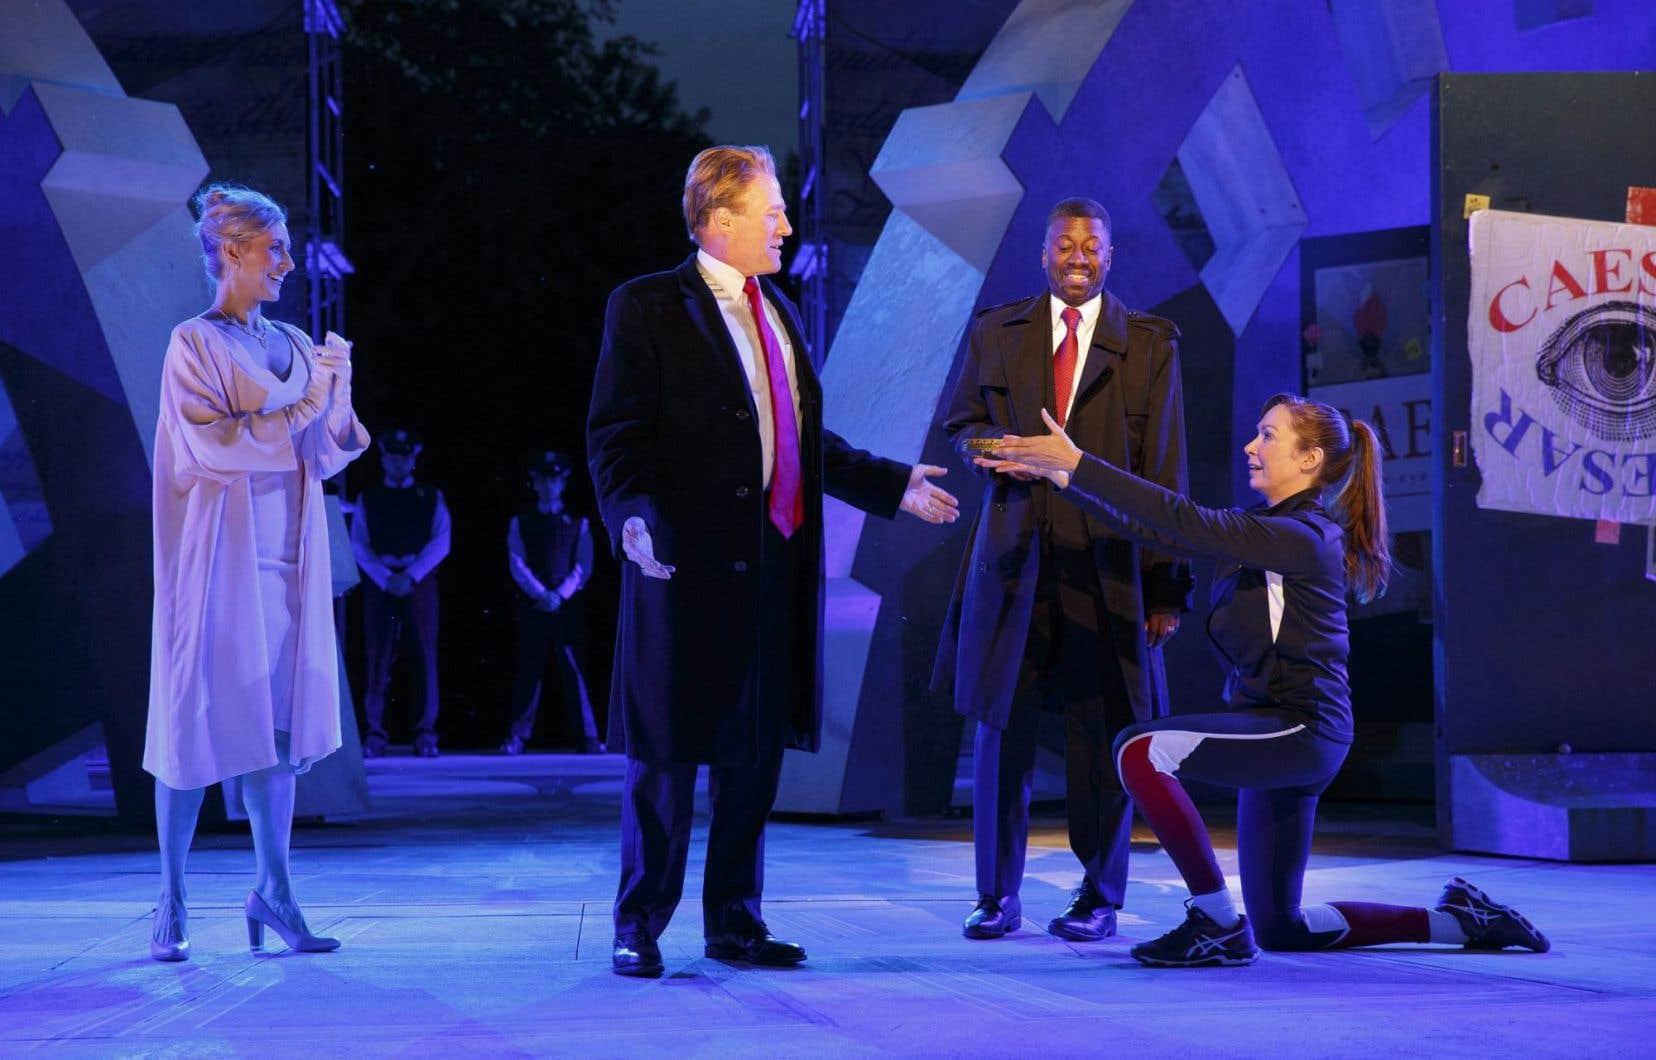 Dans cette pièce de près de deux heures, Jules César est incarné par un homme d'affaires blond ressemblant étrangement au président américain.